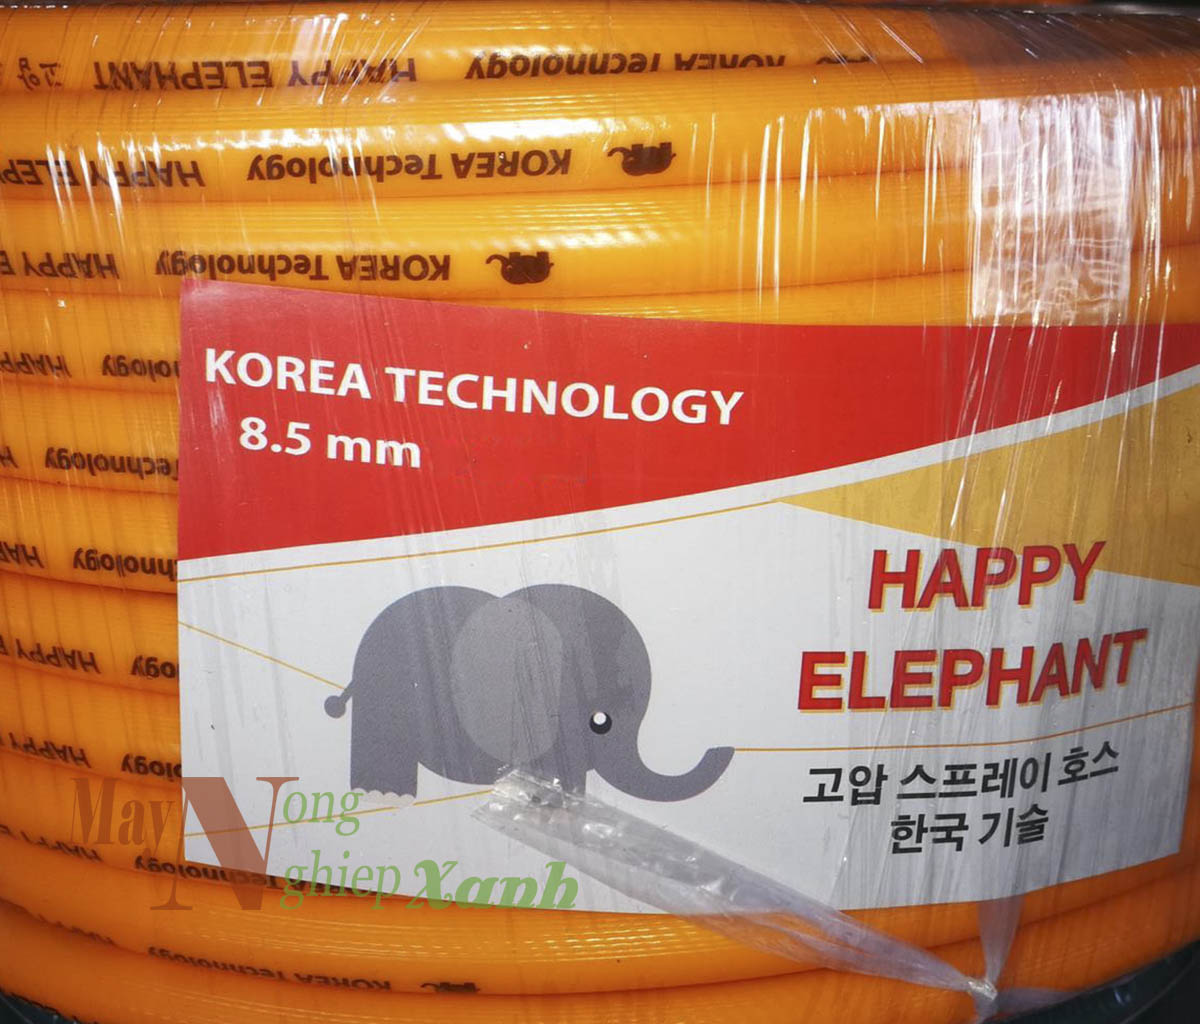 day hoi con voi hasan 8.5mmx20m 1 - Dây hơi Hansa Con voi8.5mmx20m chính hãng